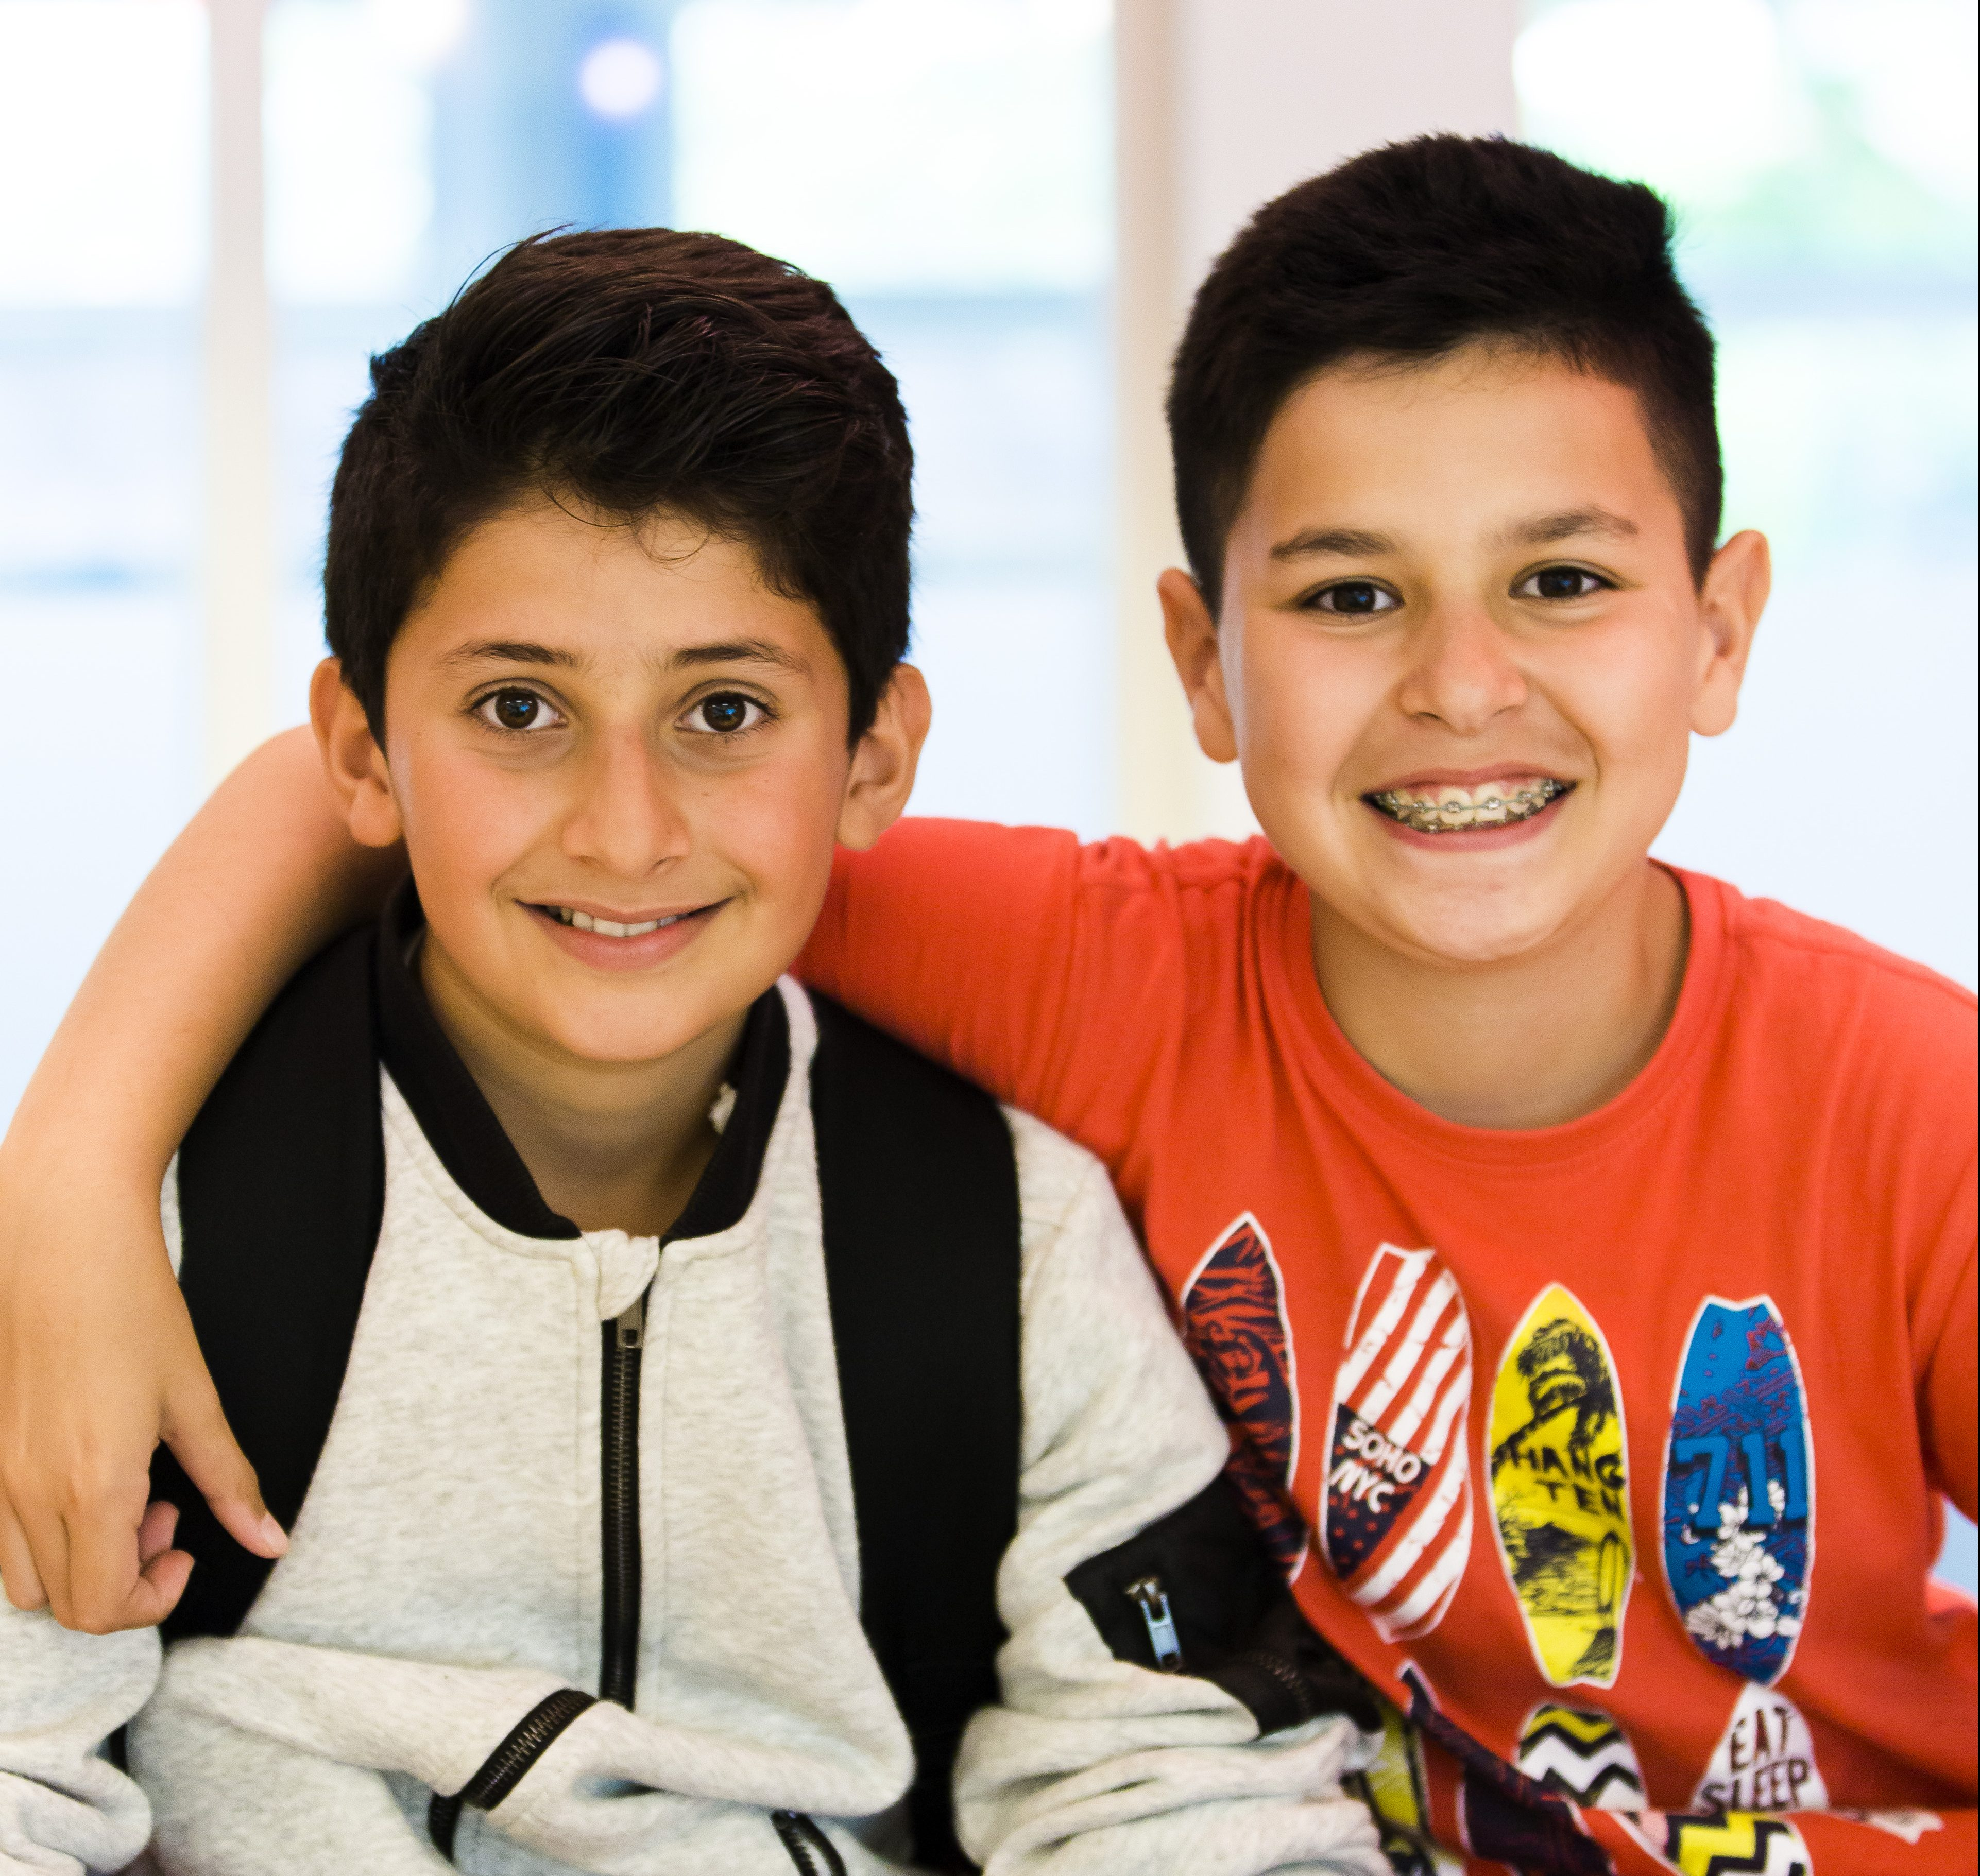 Haemstede-Barger-Mavo-HBM-middelbare-school-Heemstede-vrolijke-leerlingen